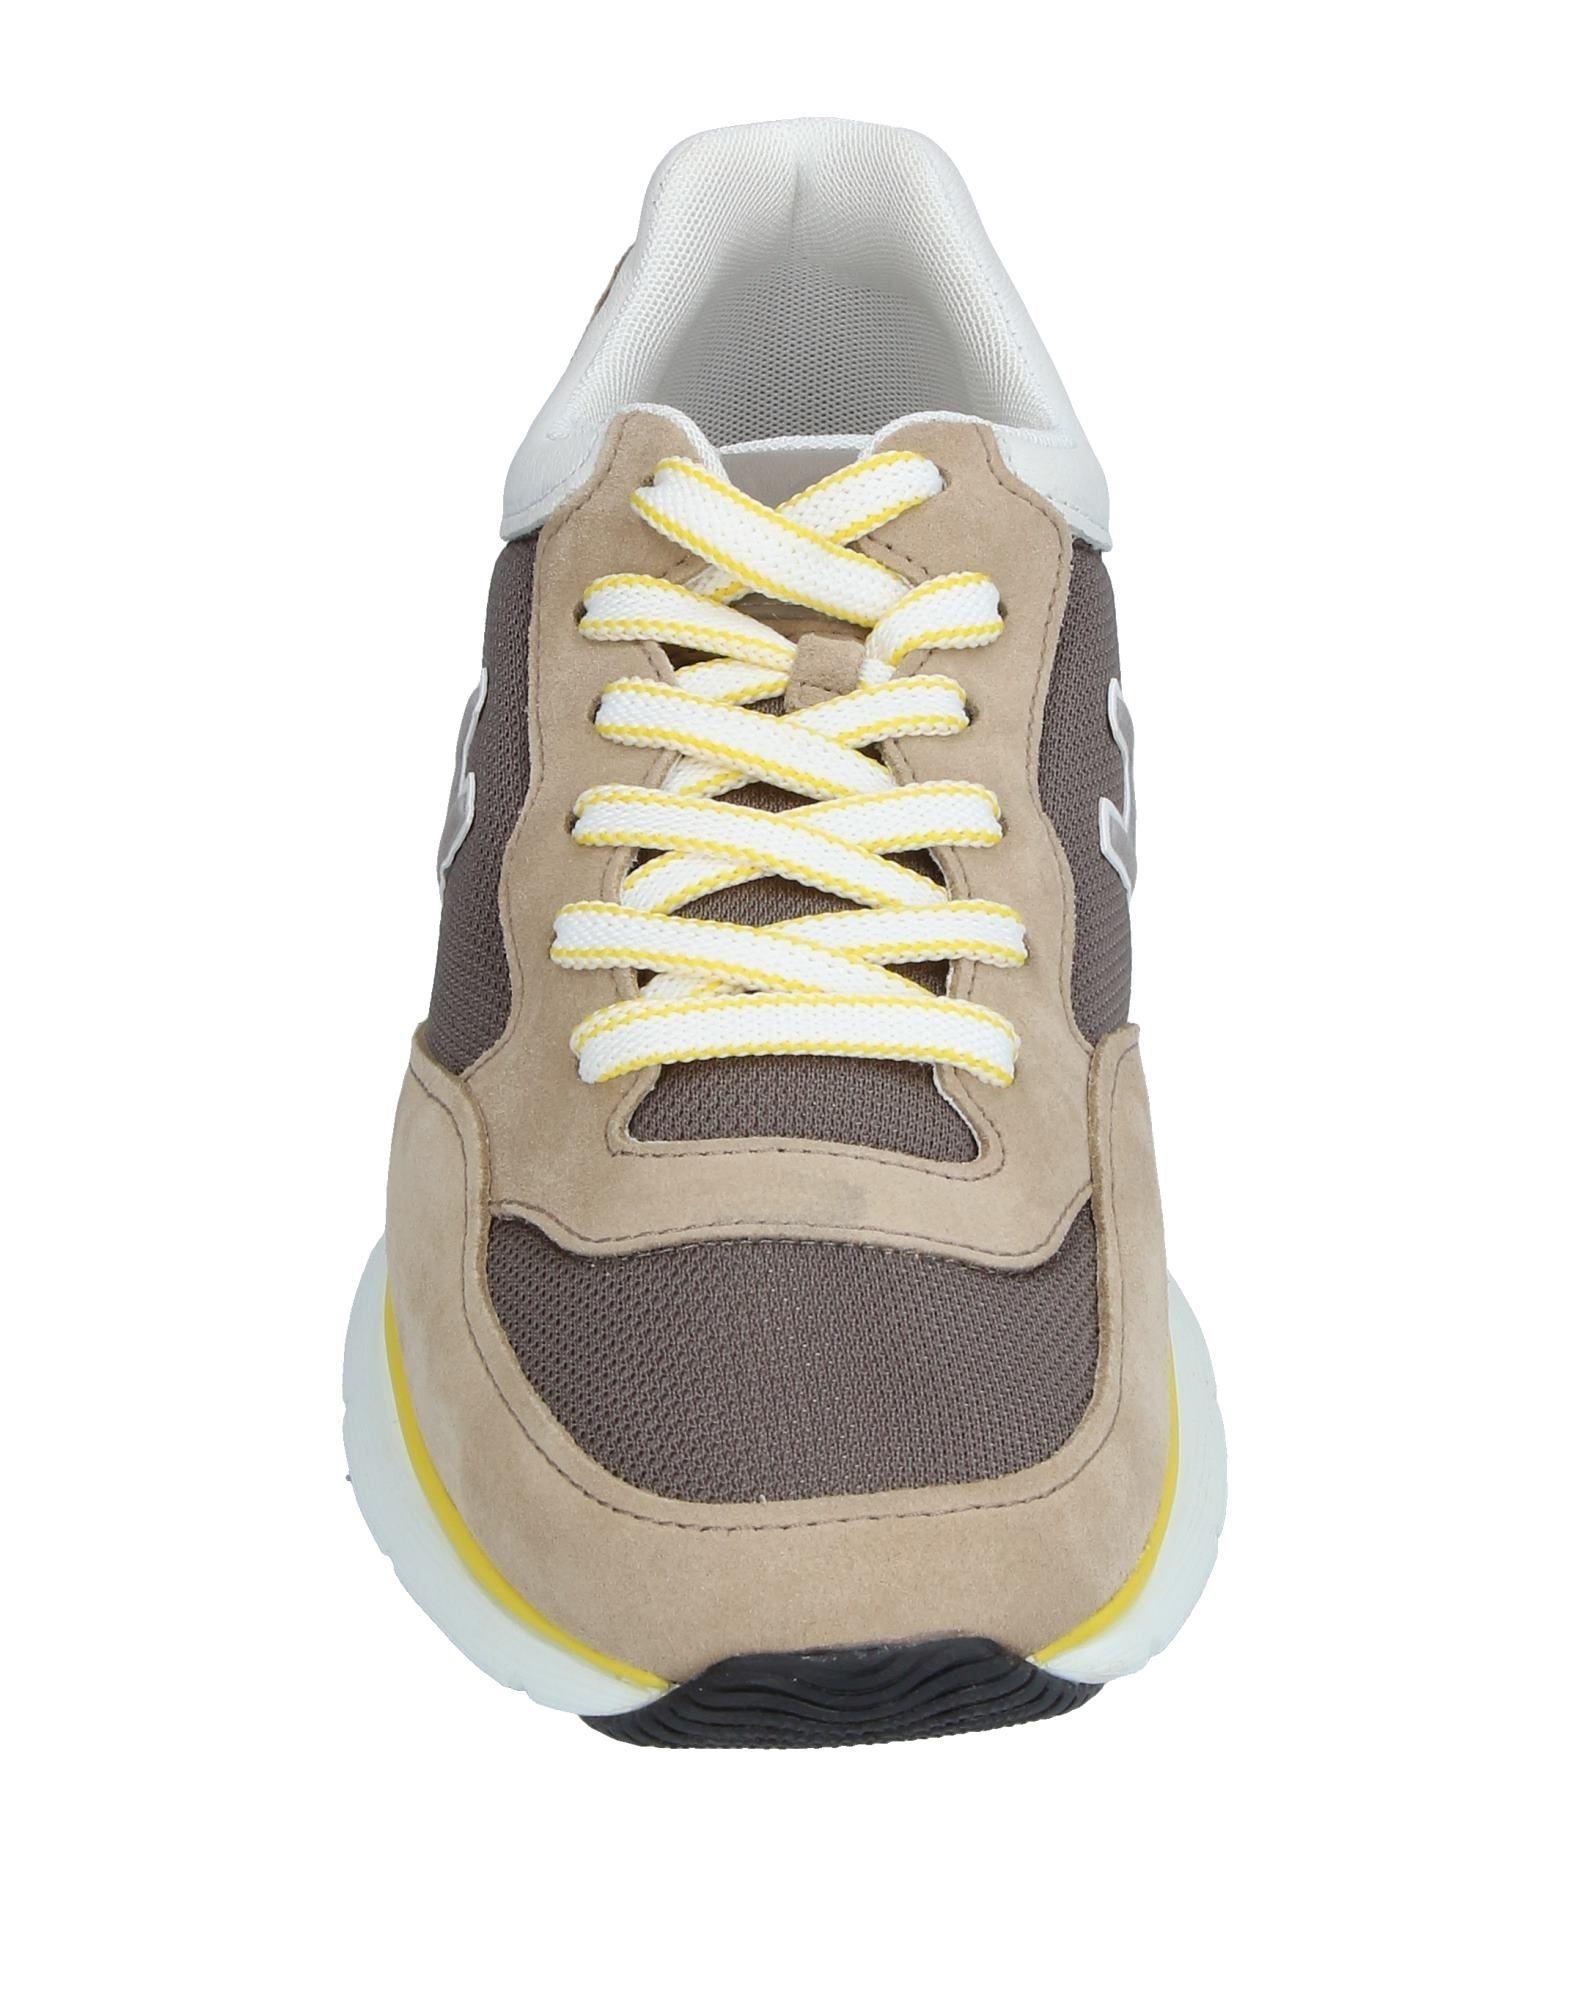 Hogan Gute Sneakers Herren  11213623OS Gute Hogan Qualität beliebte Schuhe 4d5433